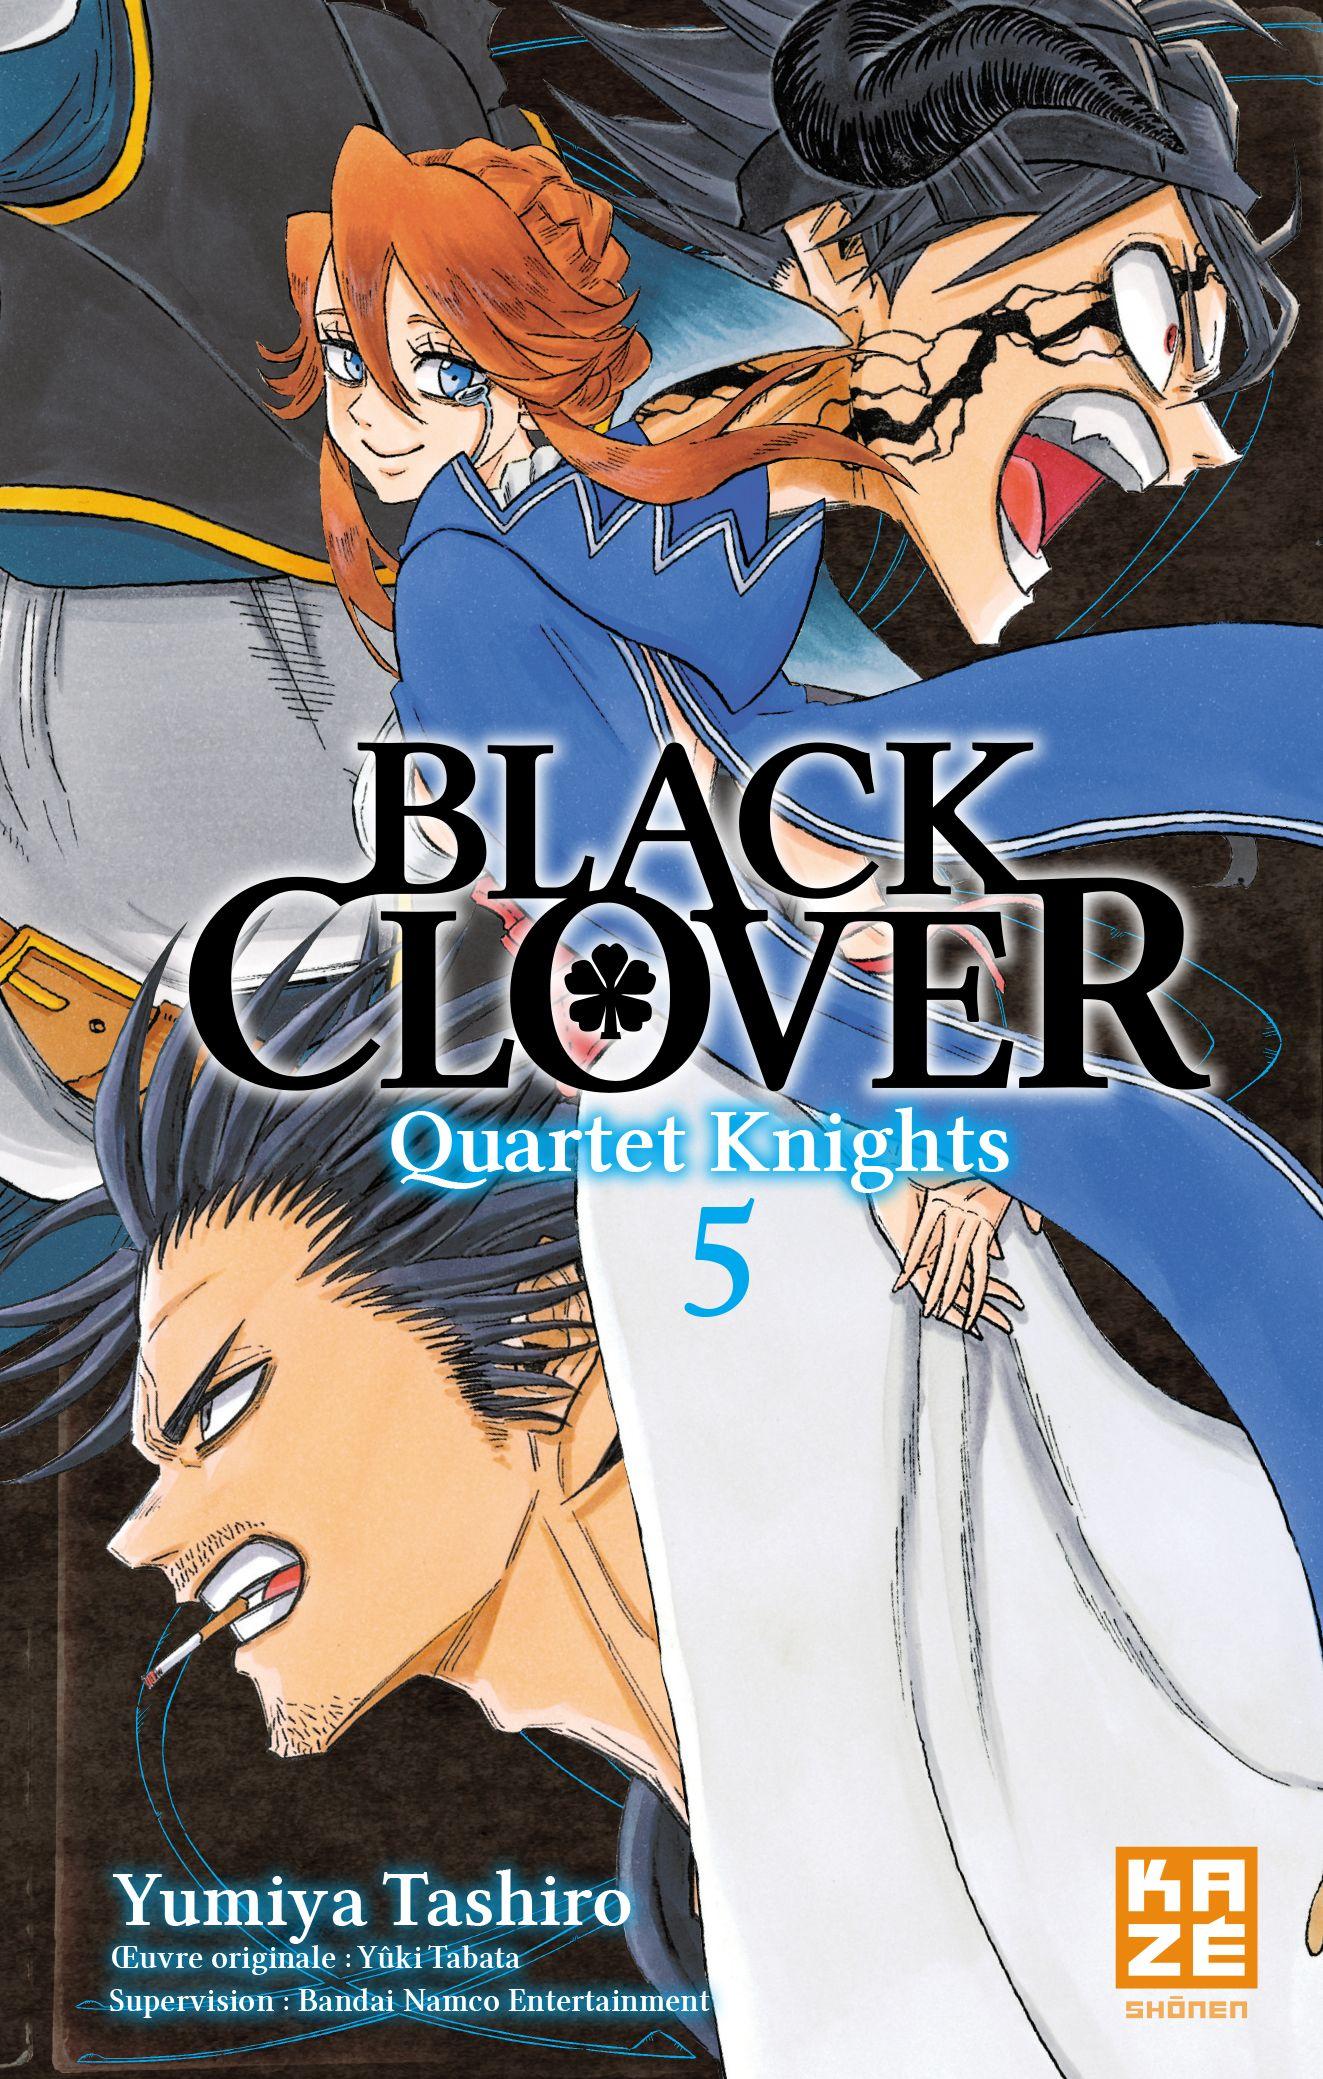 Black Clover - Quartet Knights Vol.5